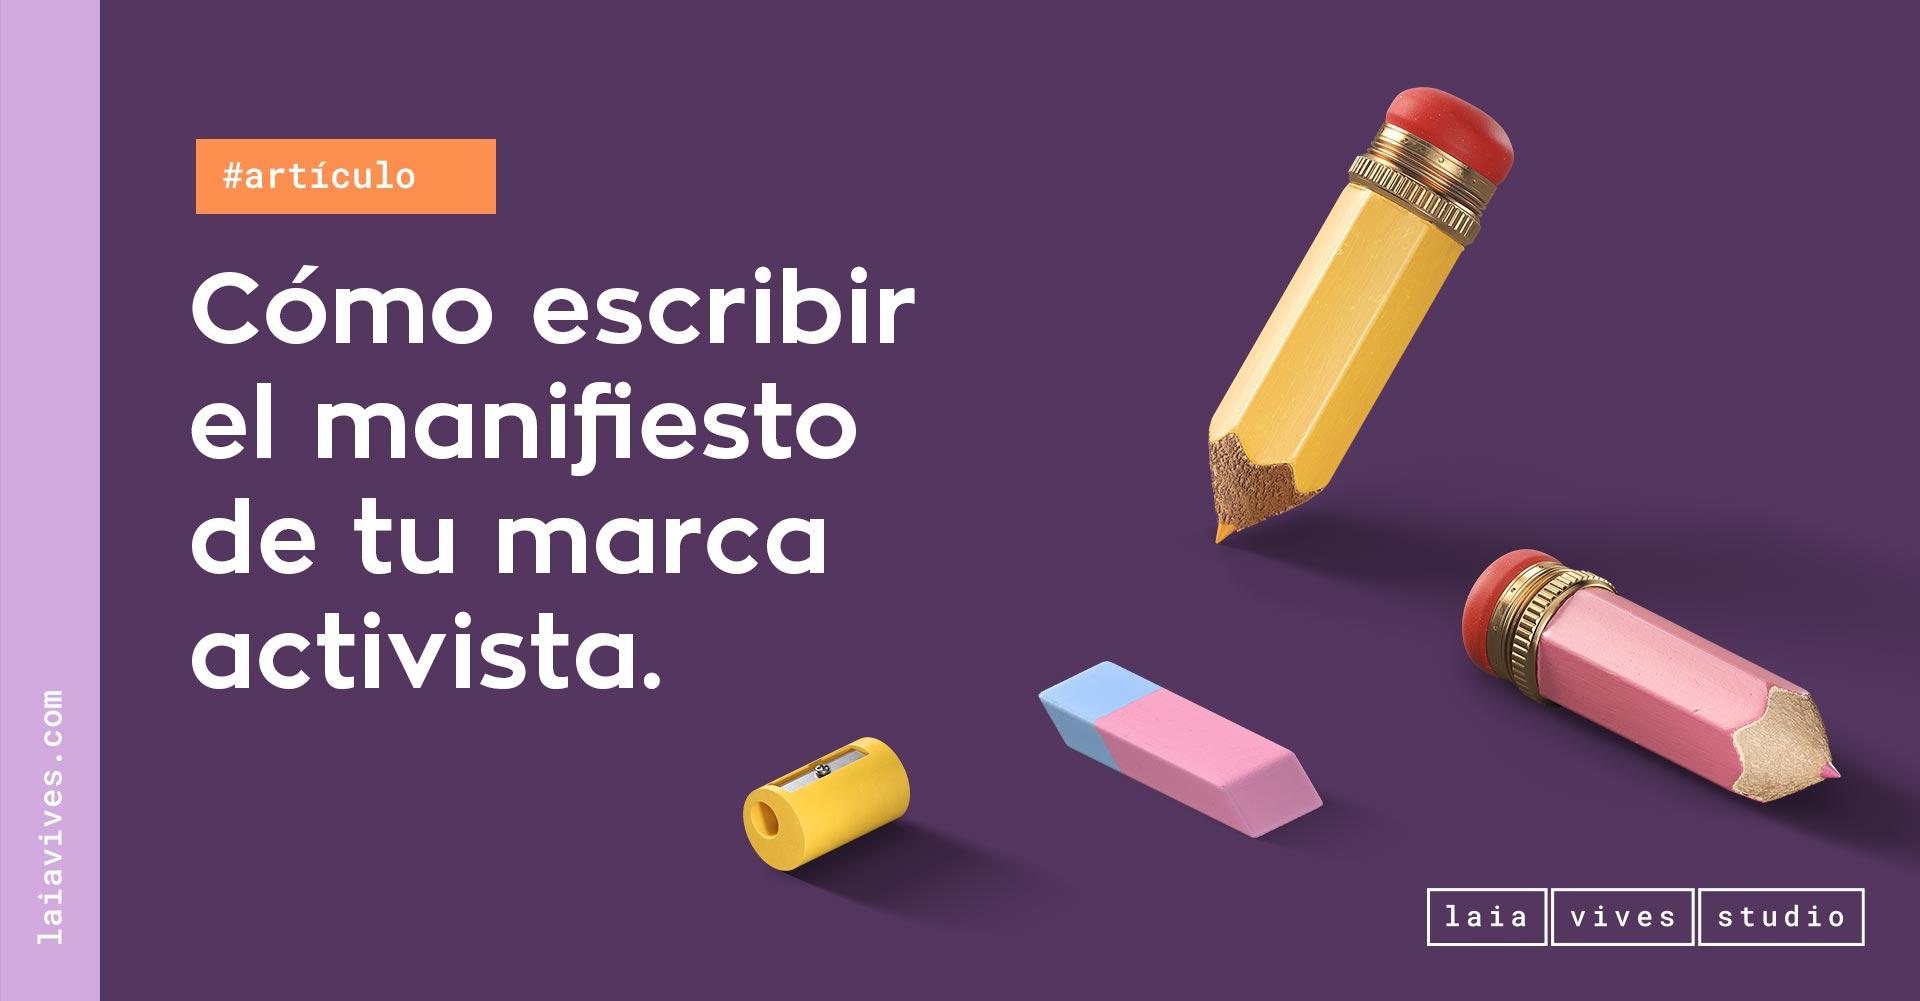 Cómo escribir el manifiesto de tu marca activista